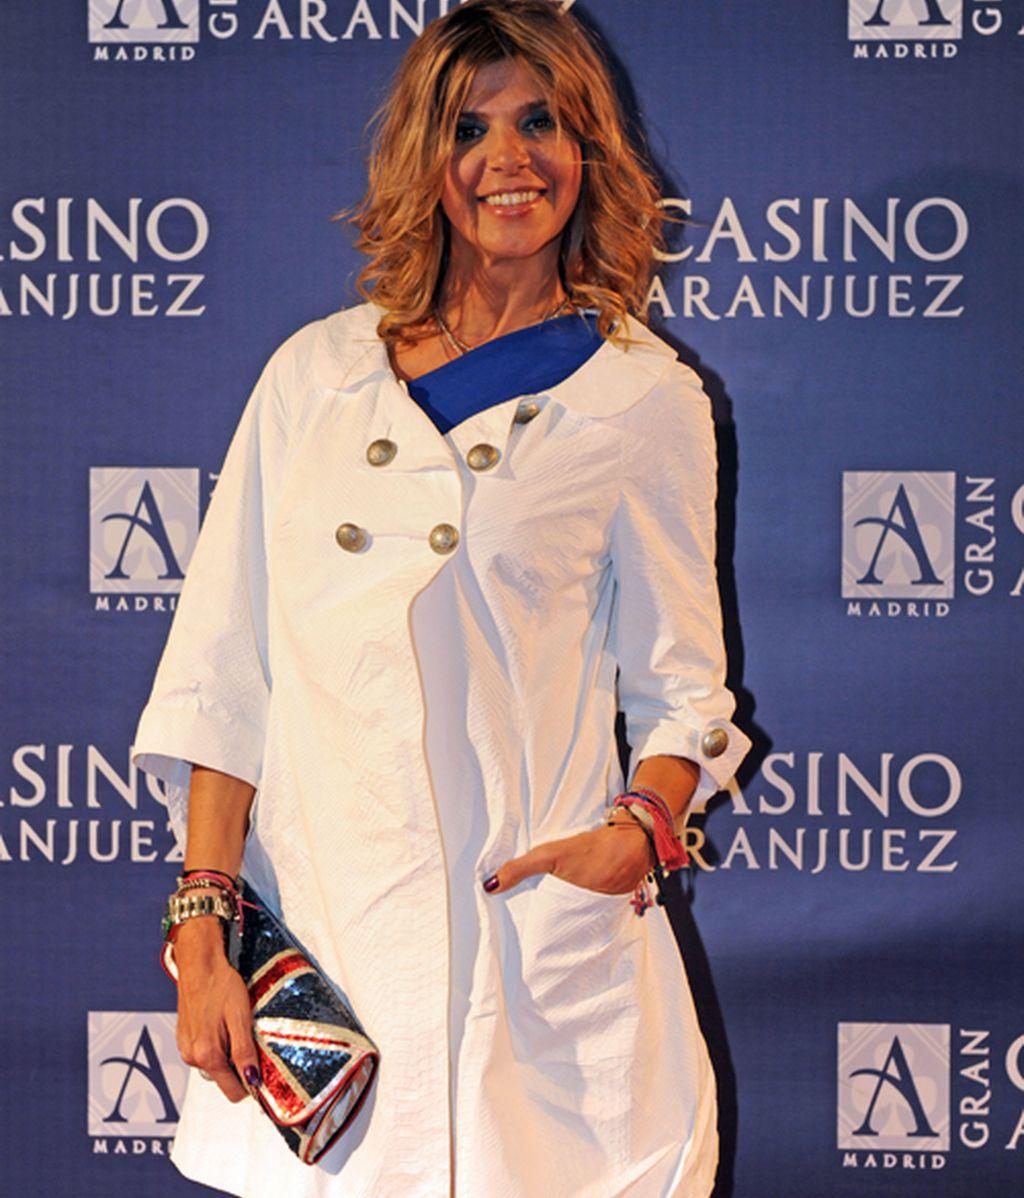 La Pantoja en Aranjuez